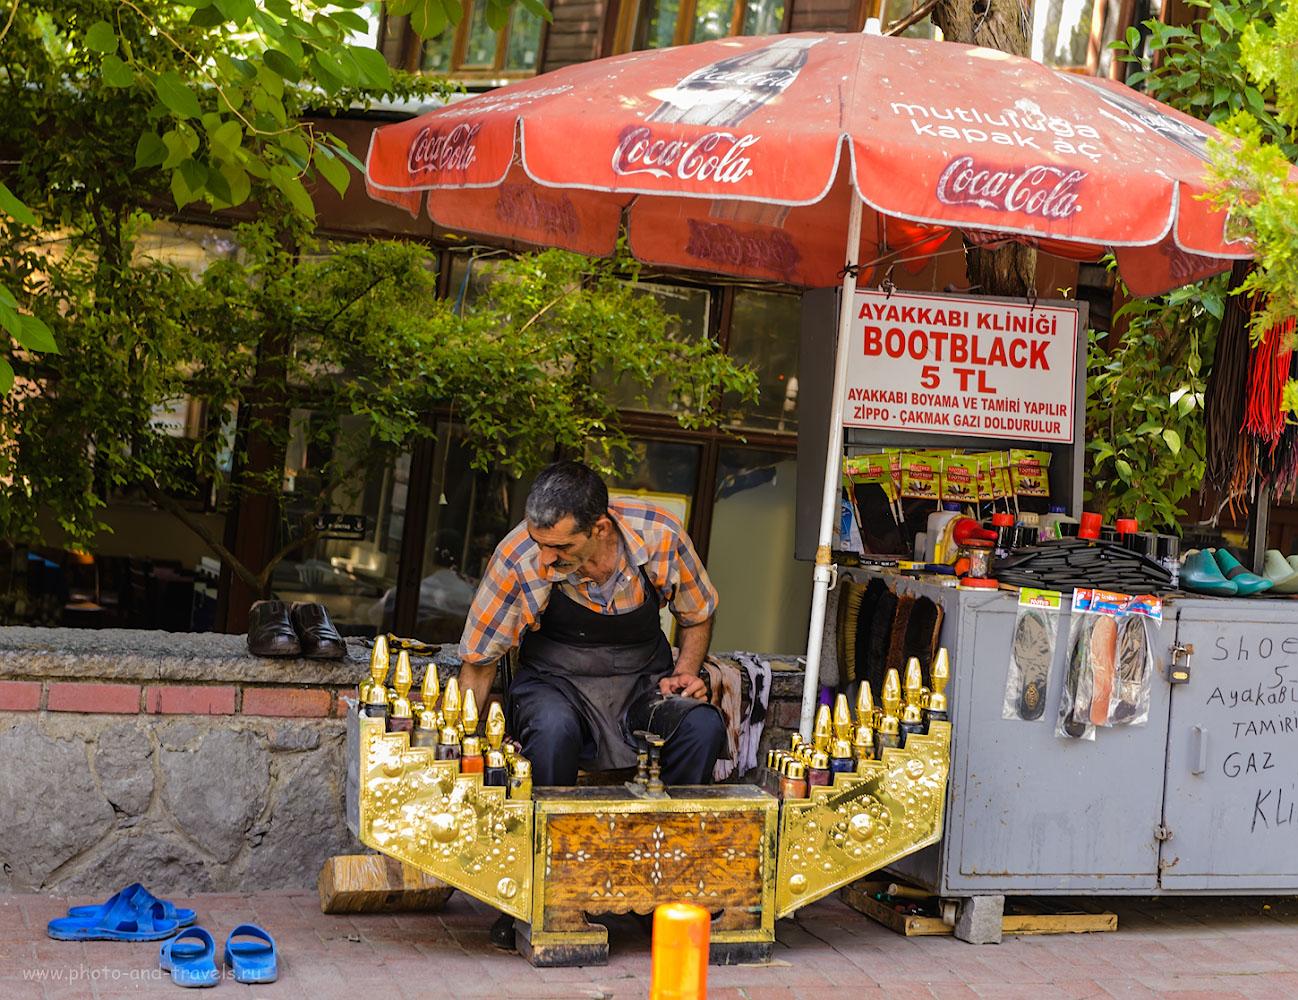 Фото 5. Чистильщик обуви в Стамбуле. Отчеты туристов о путешествии по Турции. 1/60, 1.33, 4.5, 500, 70.